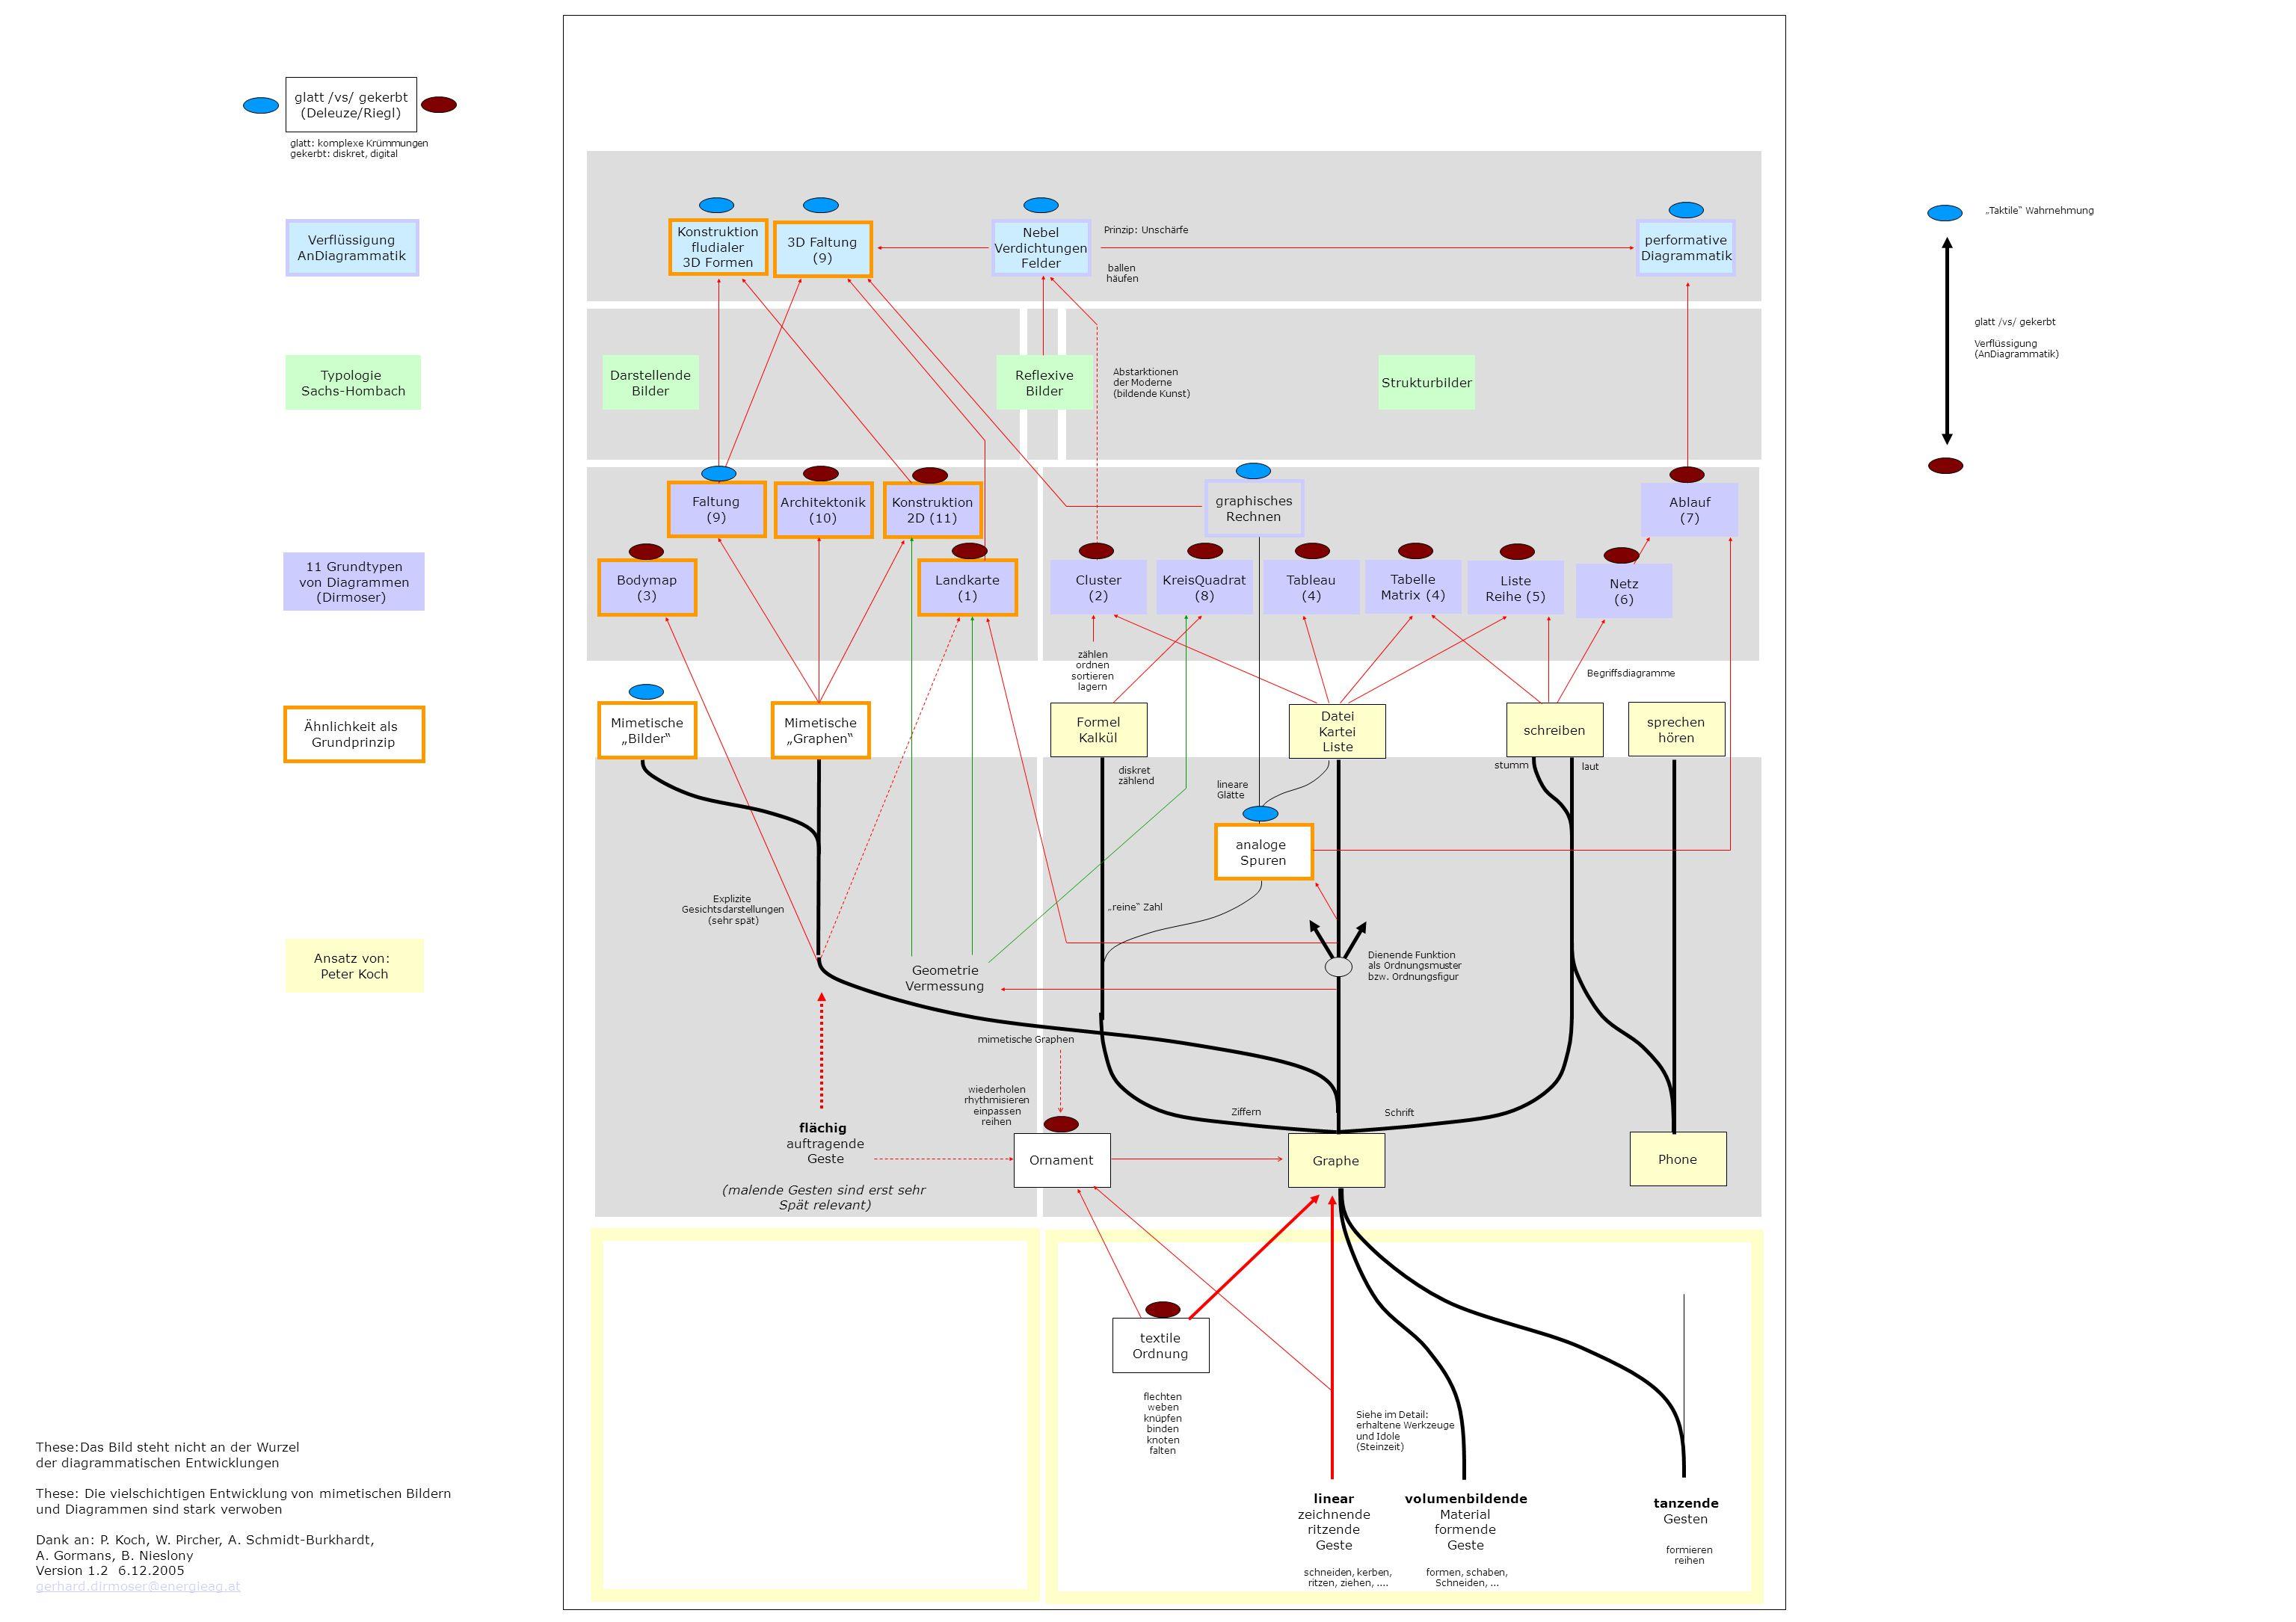 Ordnung Struktur Relationen mathematisierbares Chaos (Fraktal, Attraktor) Diagrammatik (Die Sicht des Gekerbten) Reichweite graphischer Techniken Entropie Feld Nebel Chaos Wirbel Unschärfe An-Diagrammatik (Vom Nutzen der Verflüssigung) glatt II In nahezu allen Bildern findet sich ein diagrammatischer Anteil (und seien es gestische Aspekte) => Diagrammatik als Lesart von Bildern Jede (Bild-)Ordnung ist als Diagramm repräsentierbar Jede gestische Ordnung/Struktur ist als Diagramm repräsentierbar Jedes Diagramm ist eine graphische Geste Einige Diagramme sind auch dem Tastsinn zugänglich Diagramme sind Mittel um Ordnungen auf die Spur zu kommen Diagramme sind das Medium der Ordnung 7.12.2005 gerhard.dirmoser@energieag.at Punkt als Nullstelle Linie als diskrete Einheit (Die 1) Abwertung der punkt- bzw.